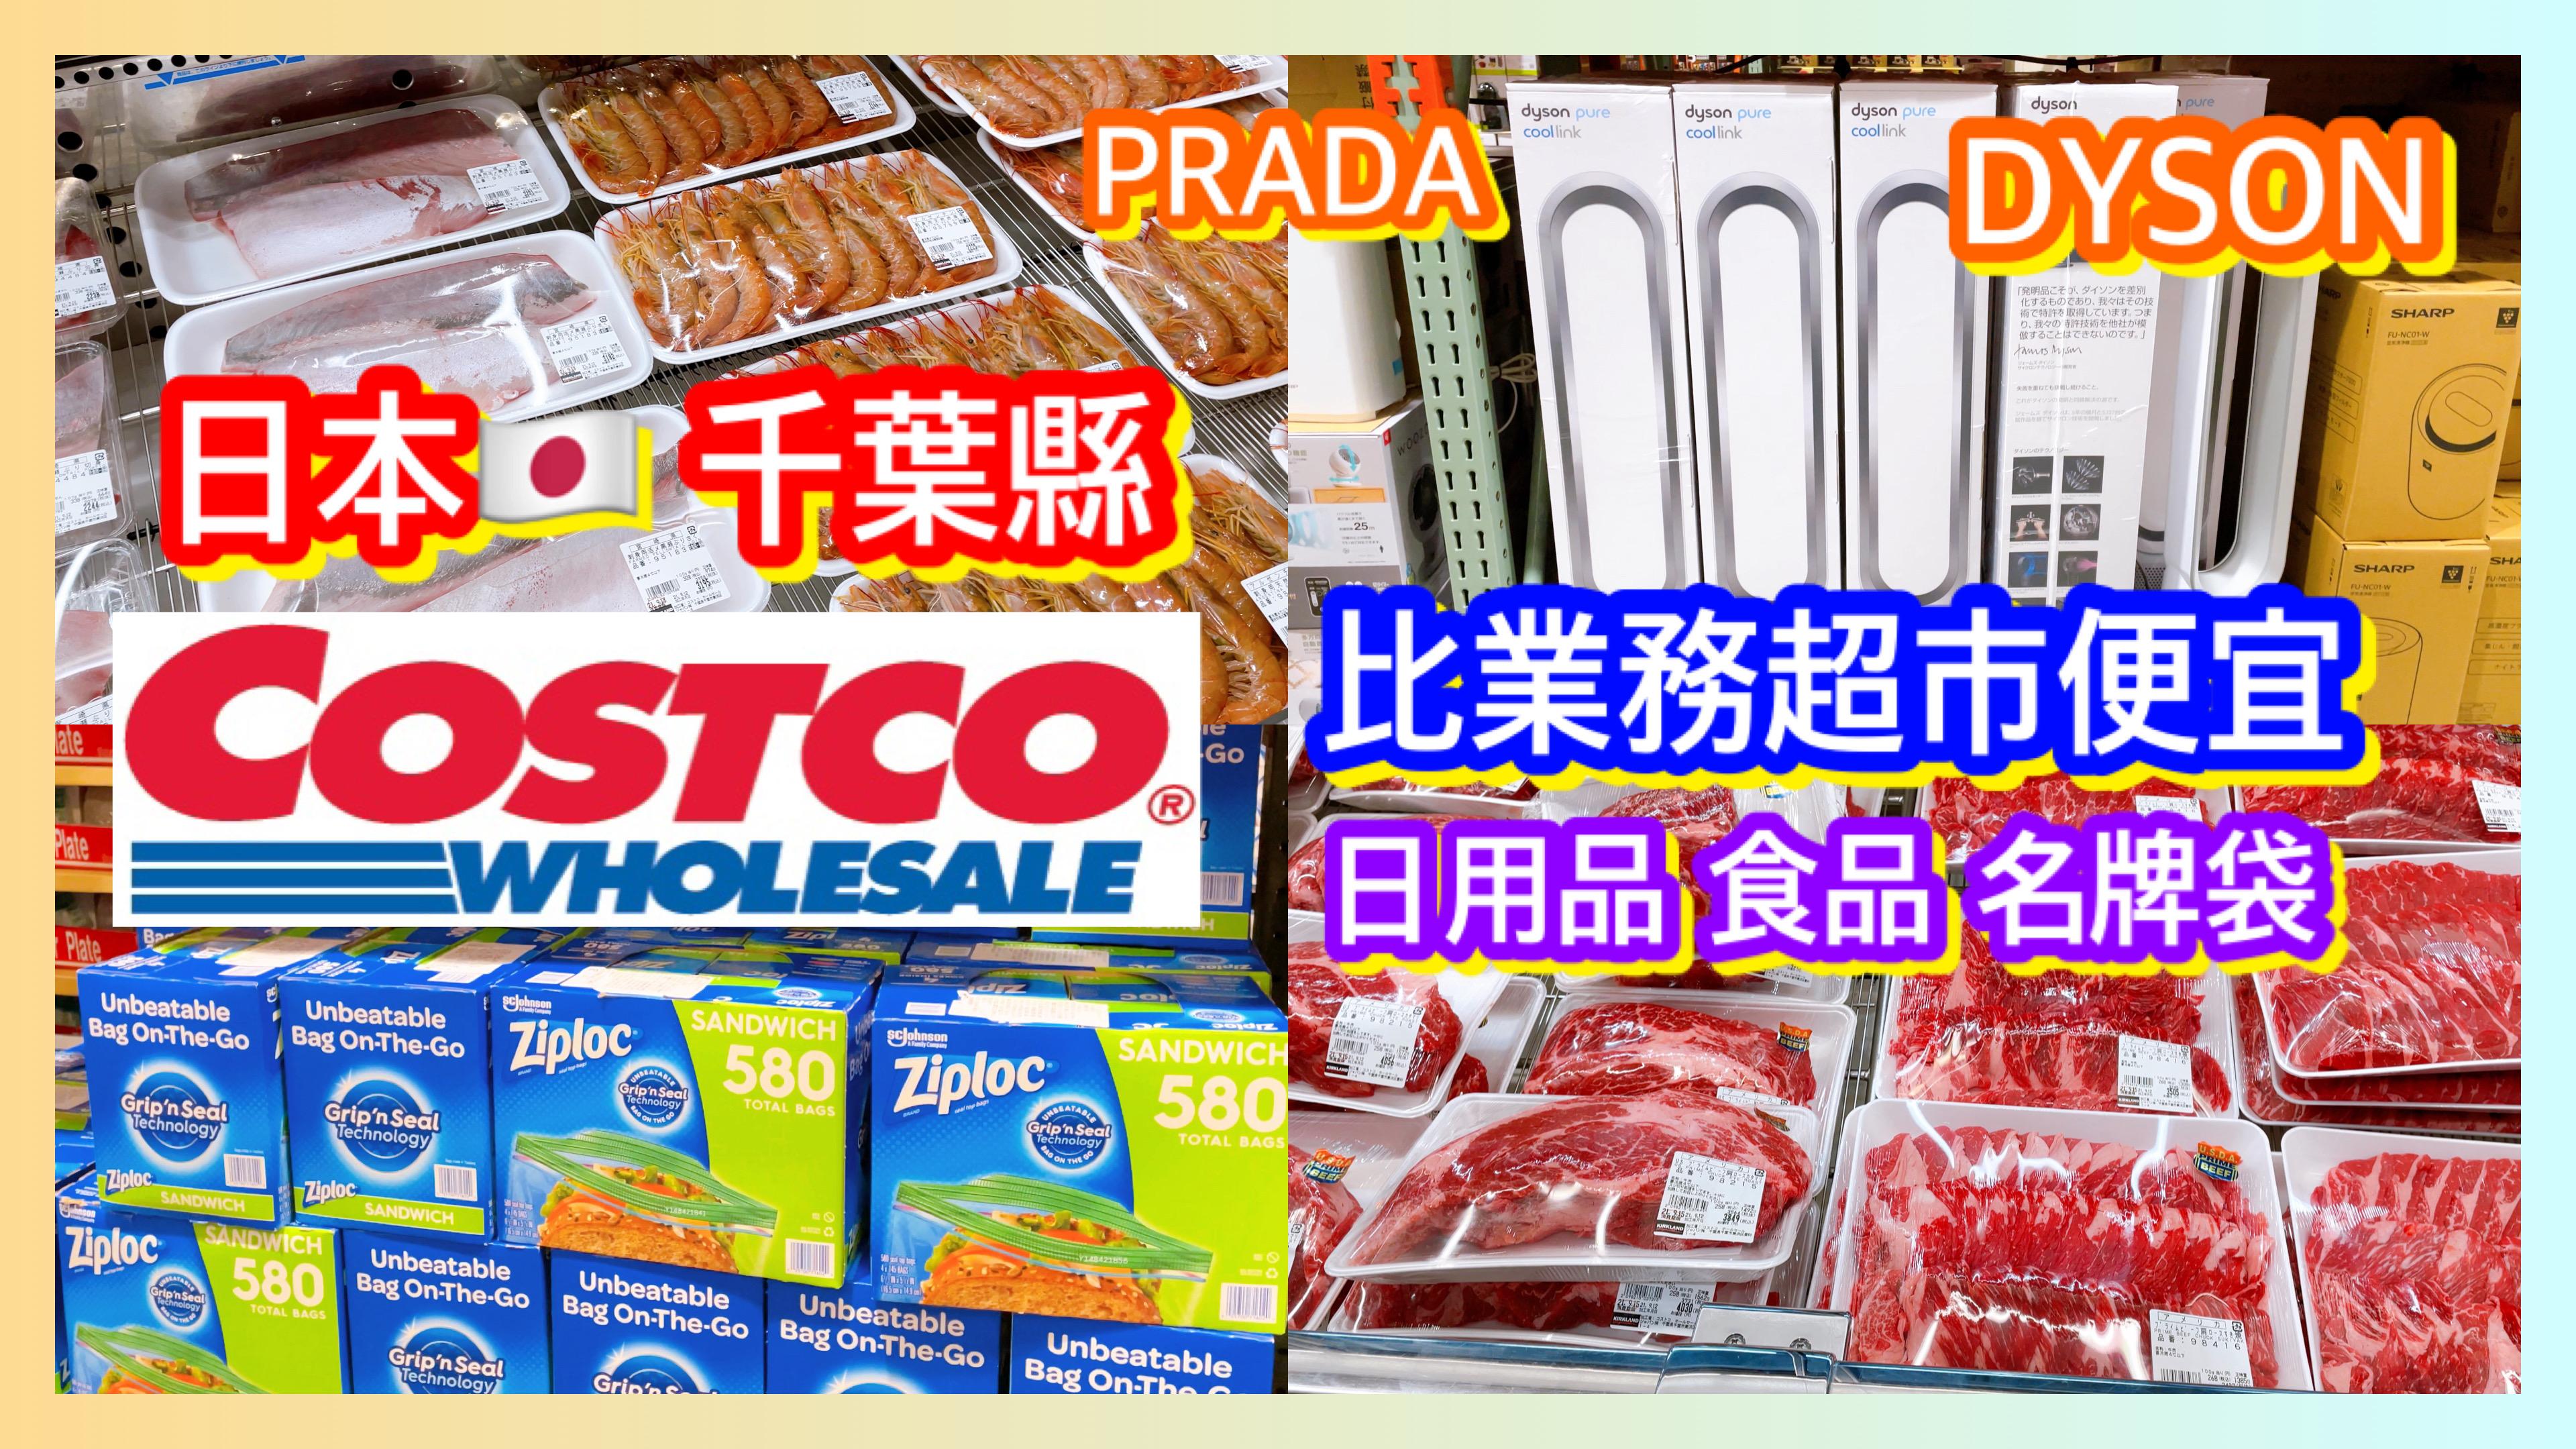 日本🇯🇵COSTCO tour 好市多 比業務超市Donki便宜 必買開箱